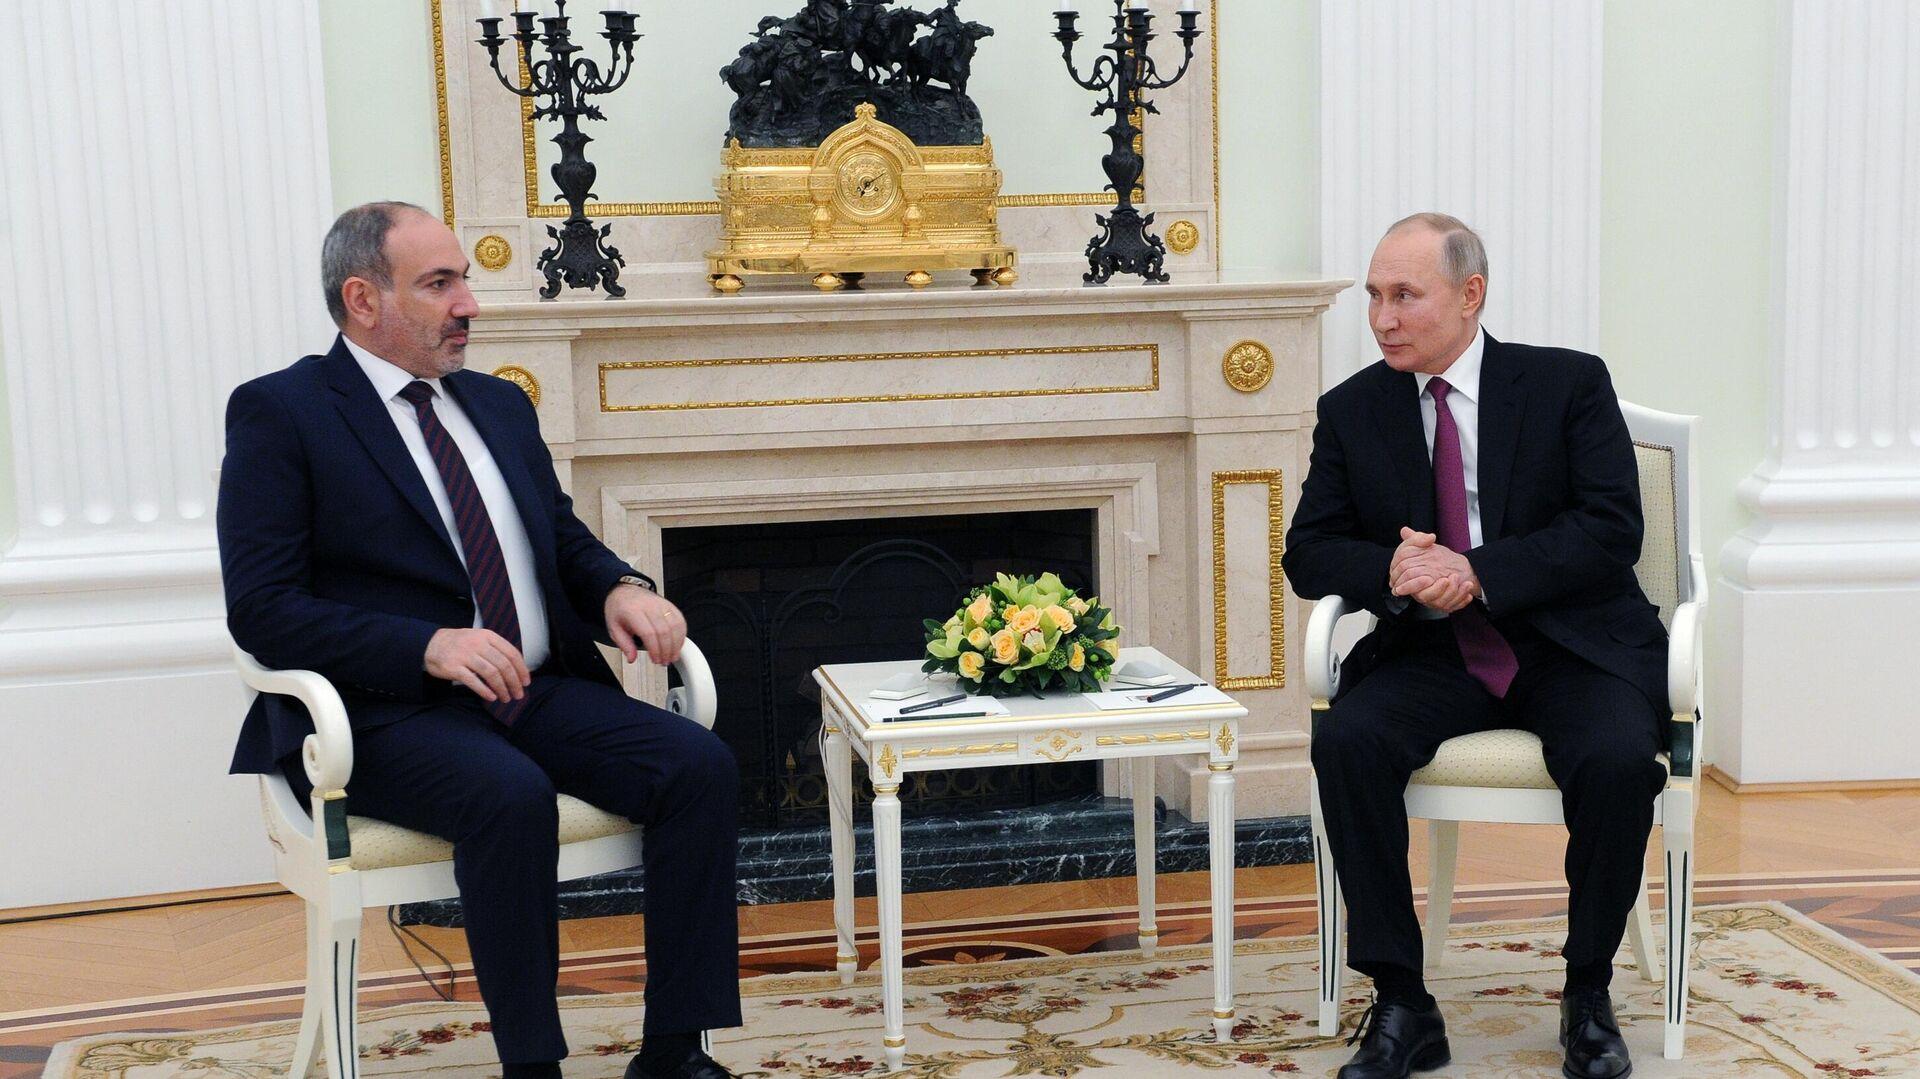 Президент РФ Владимир Путин и премьер-министр Армении Никол Пашинян во время двухсторонней встречи в Кремле - РИА Новости, 1920, 17.02.2021